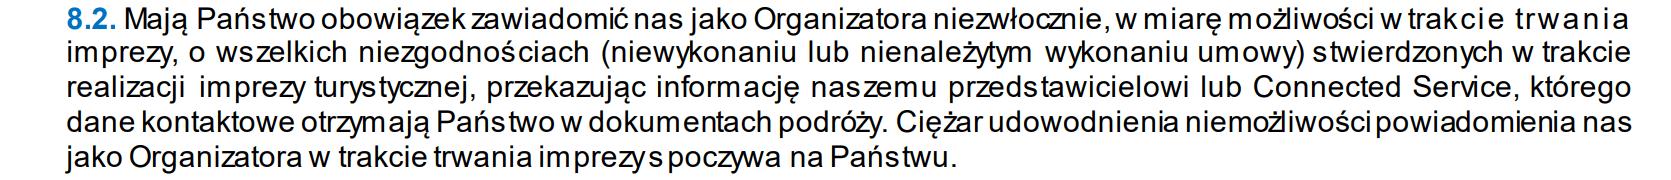 obrazek wskazuje wyjątek owu biura podróży neckermann informujący, że turysta musi udowodnić iż nie mógł niezwłocznie poinformować rezydenta o niezgodnościach w umowie co było obowiązkiem podróżnego